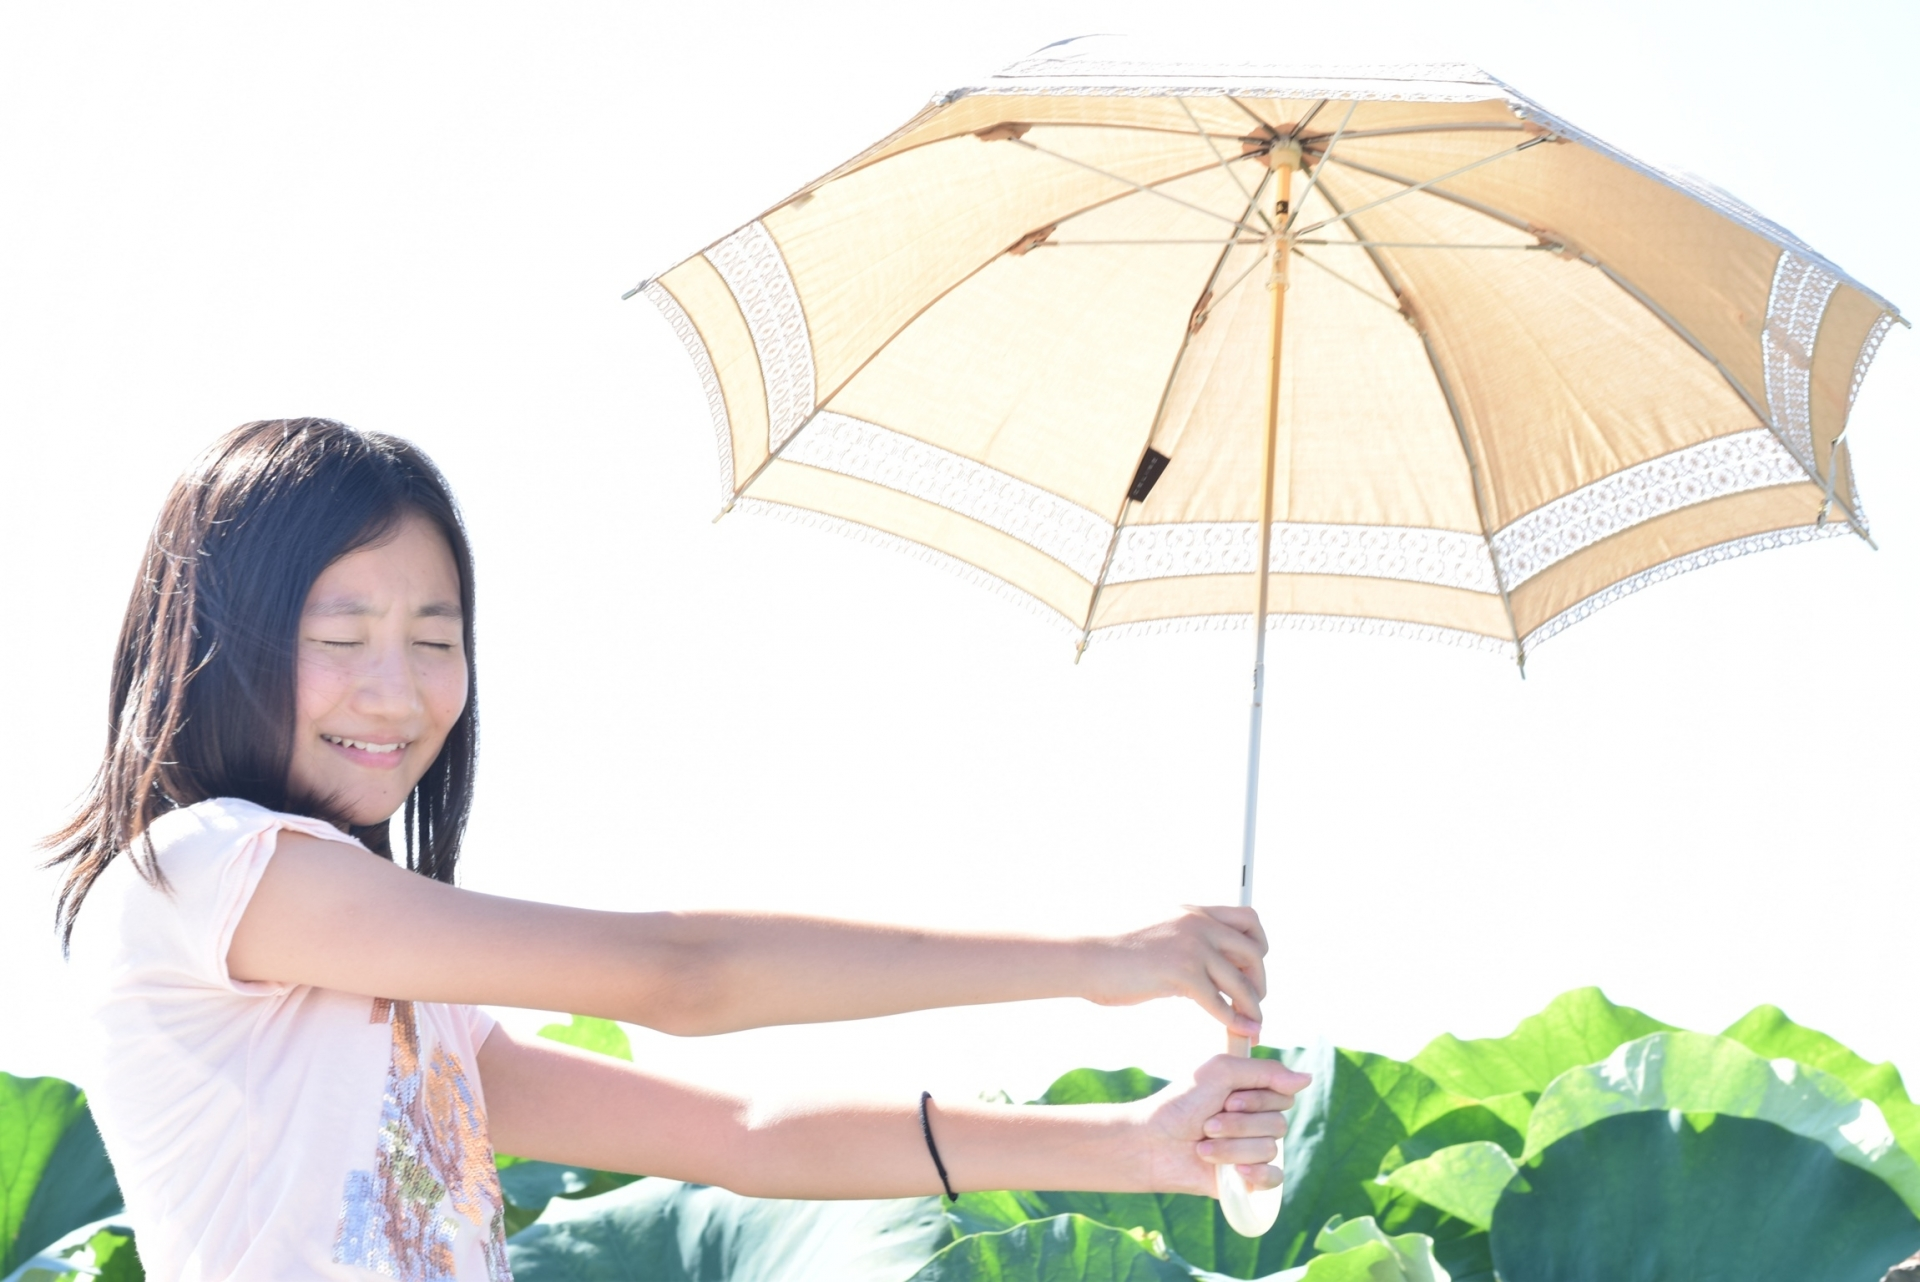 日傘はもちろん運動会の日焼けにも有効